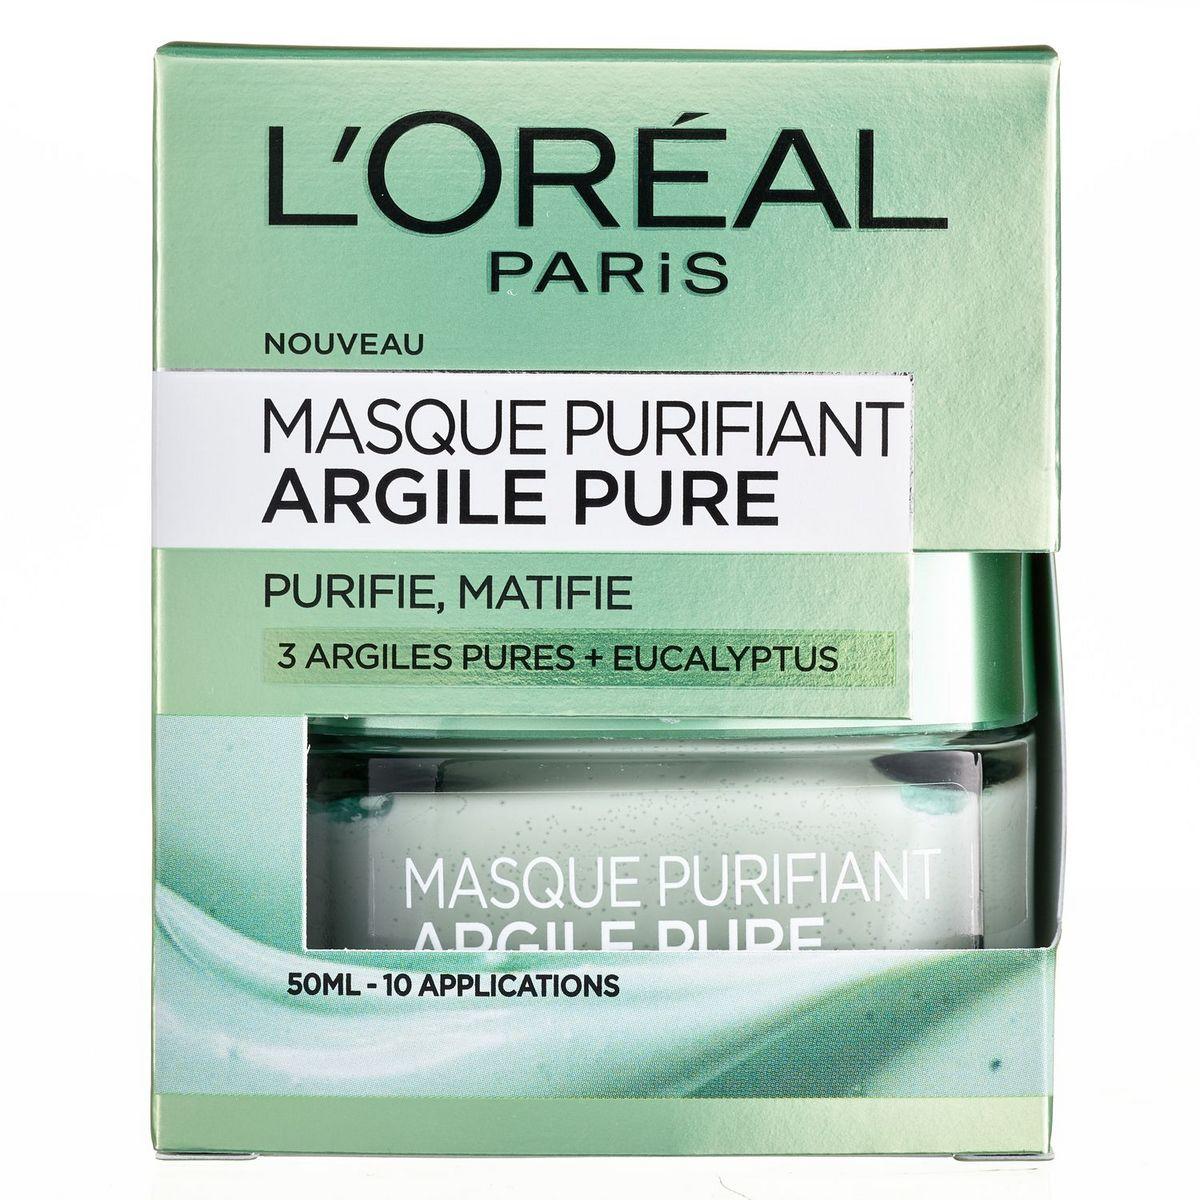 L'Oréal Masque purifiant aux 3 argiles pures + eucalyptus 50ml